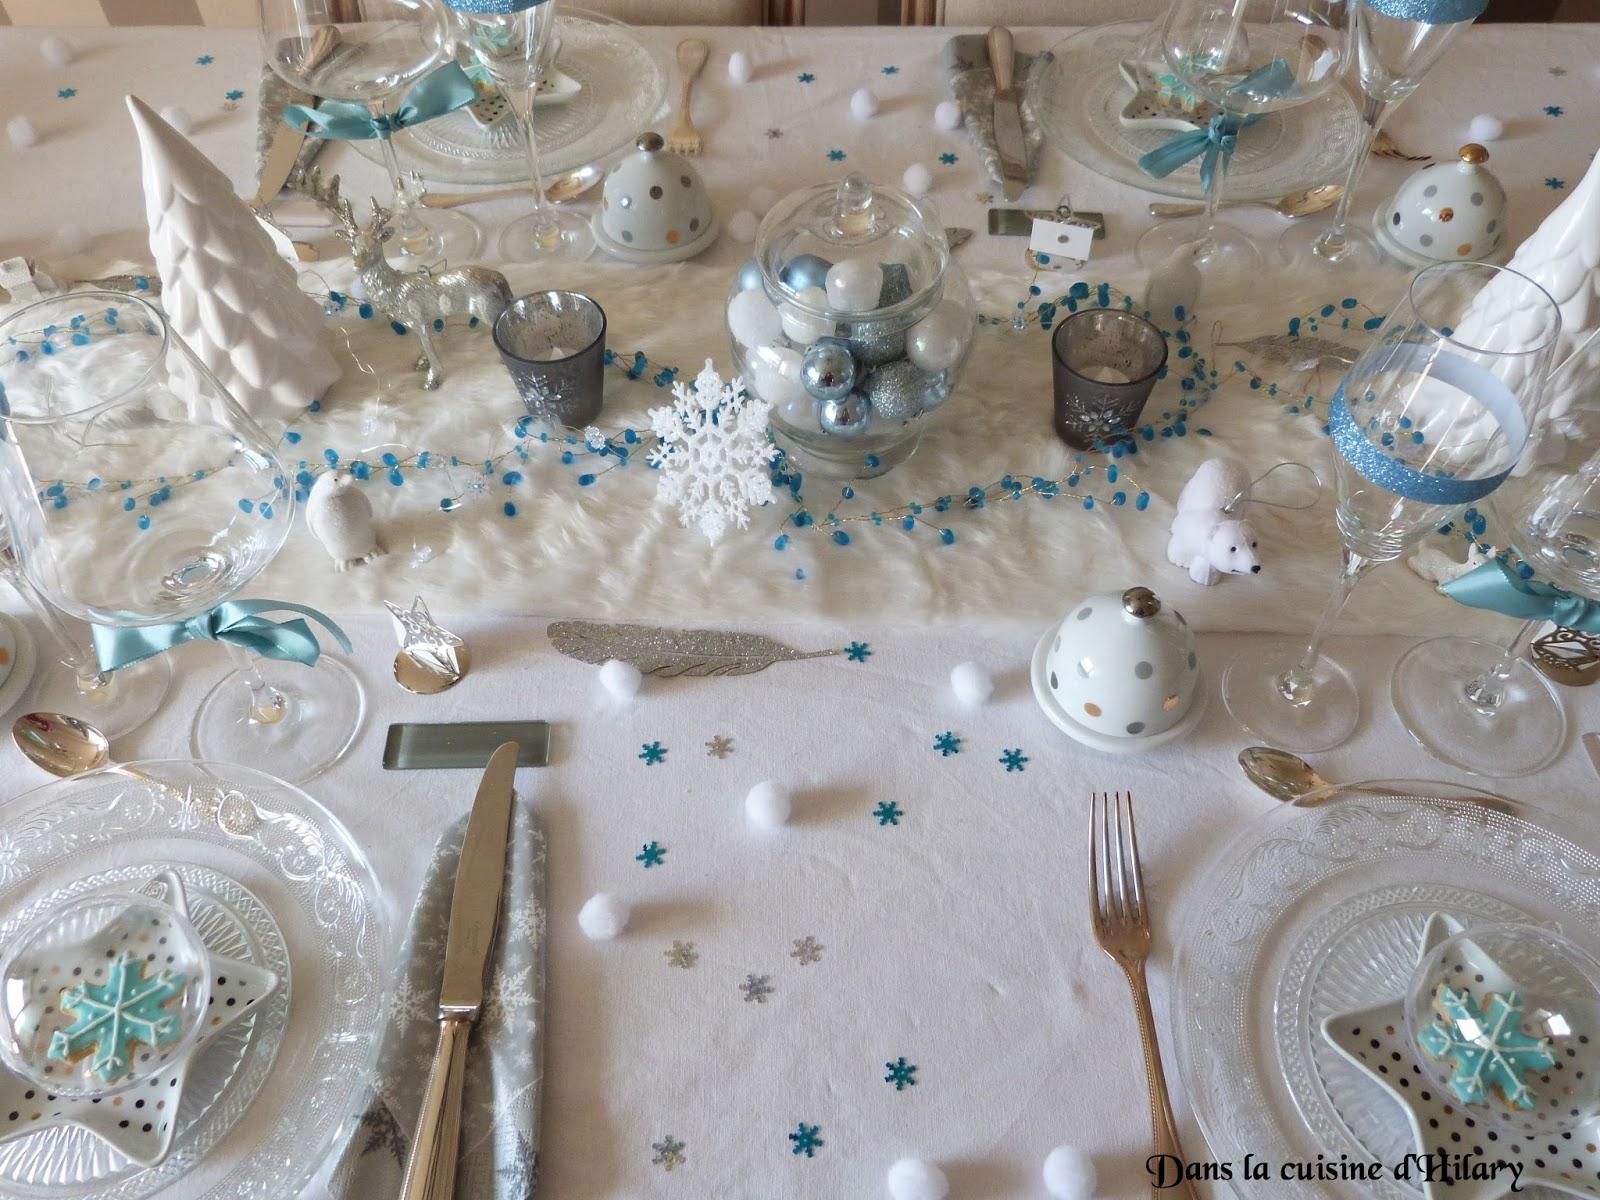 Dans la cuisine d 39 hilary ma table de no l polaire en bleu for Deco table noel bleu et blanc